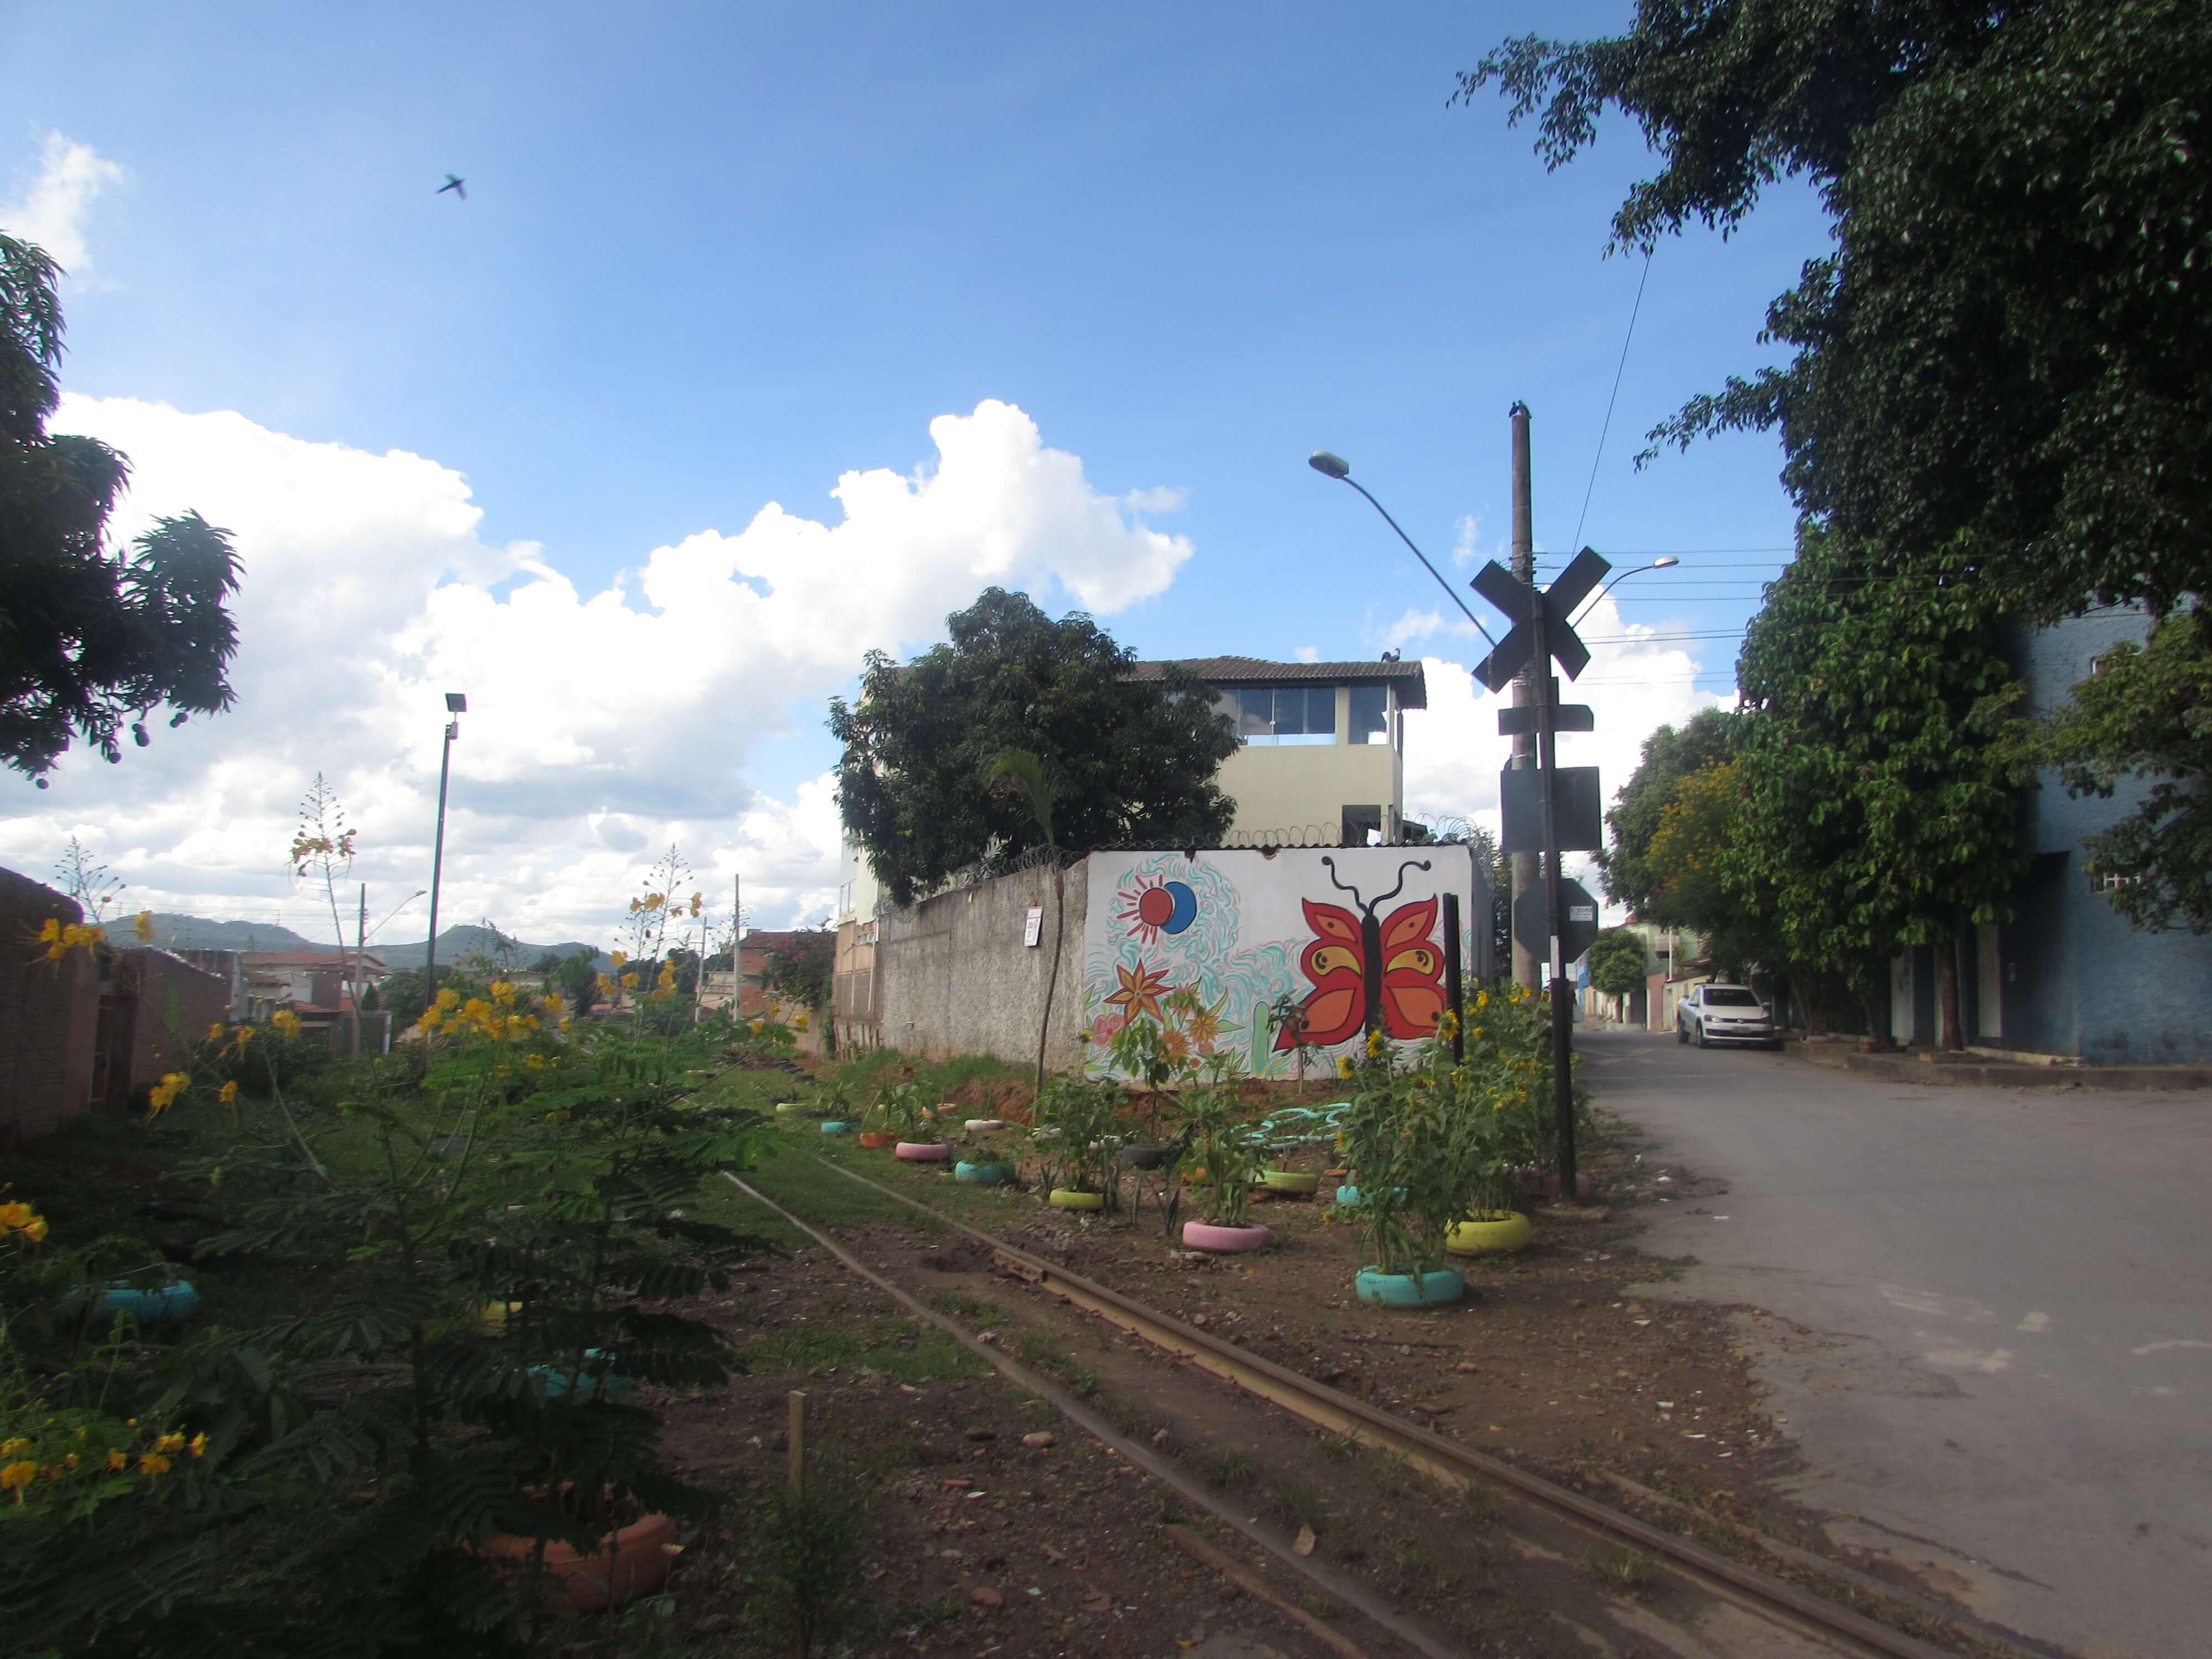 Imagem de destaque Prefeitura apoia moradora que fez jardim em despejo irregular de lixo e entulho